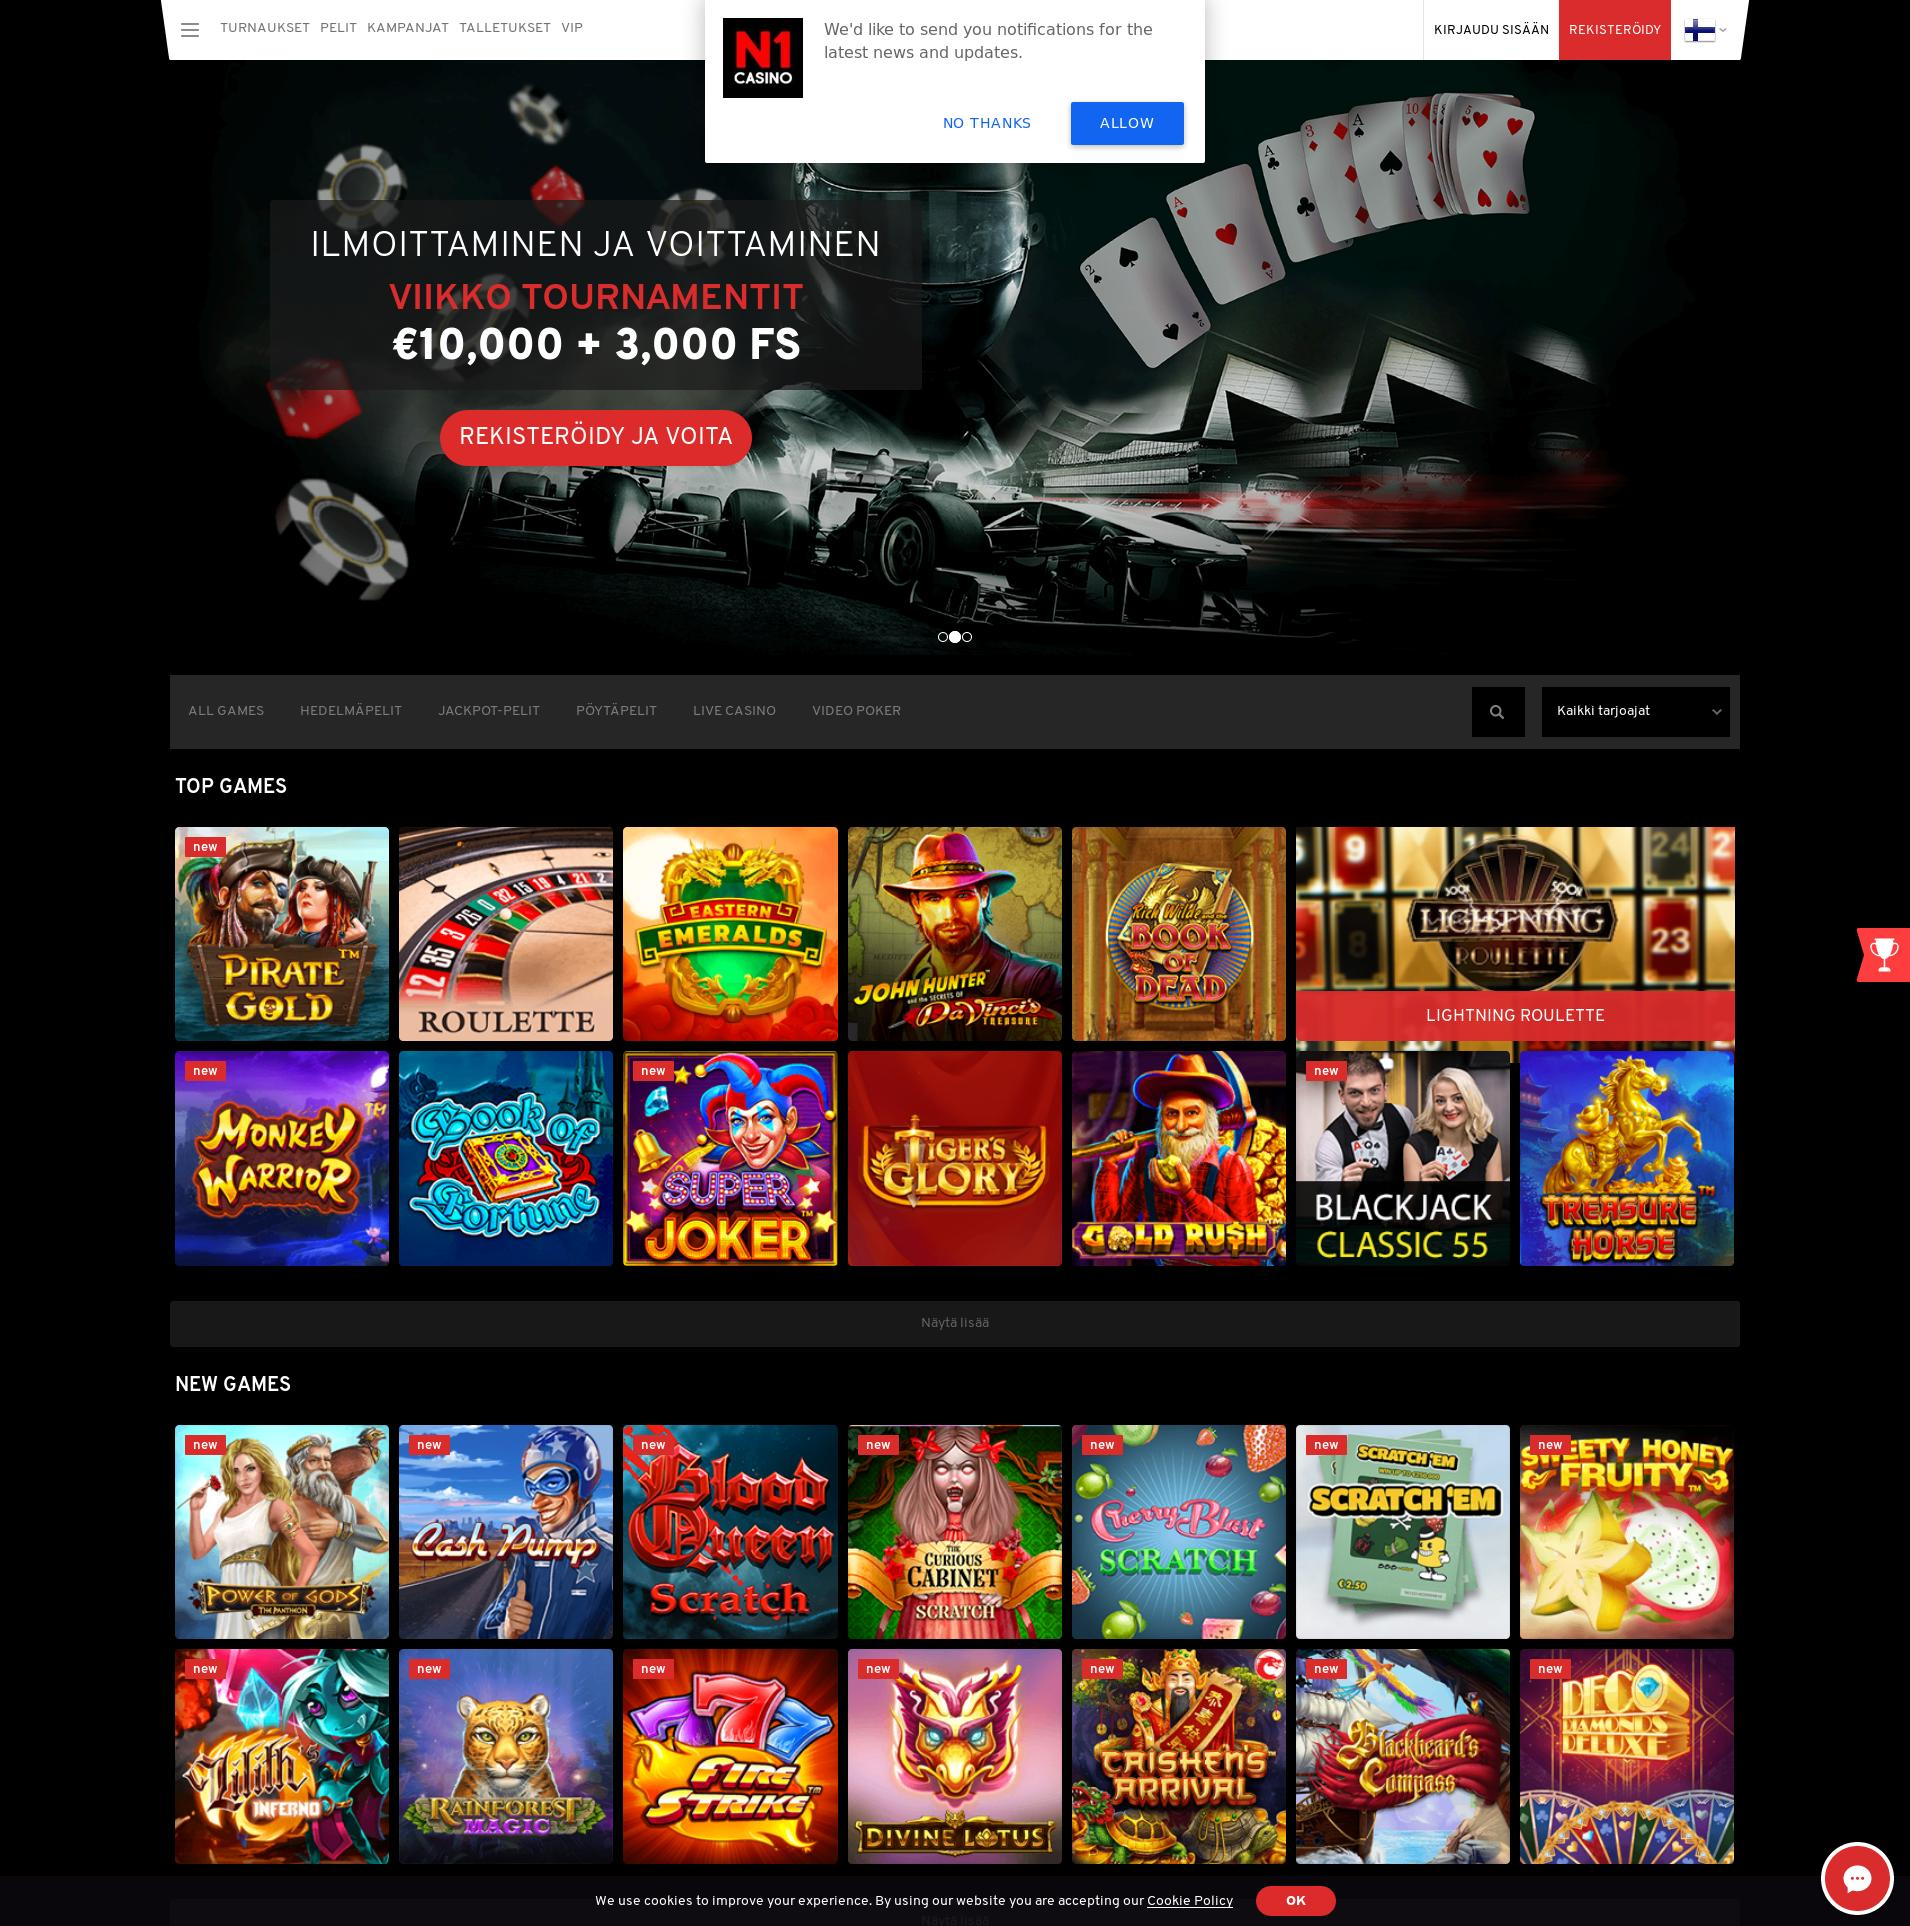 Casino-näyttö Lobby 2019-10-20 varten Suomi